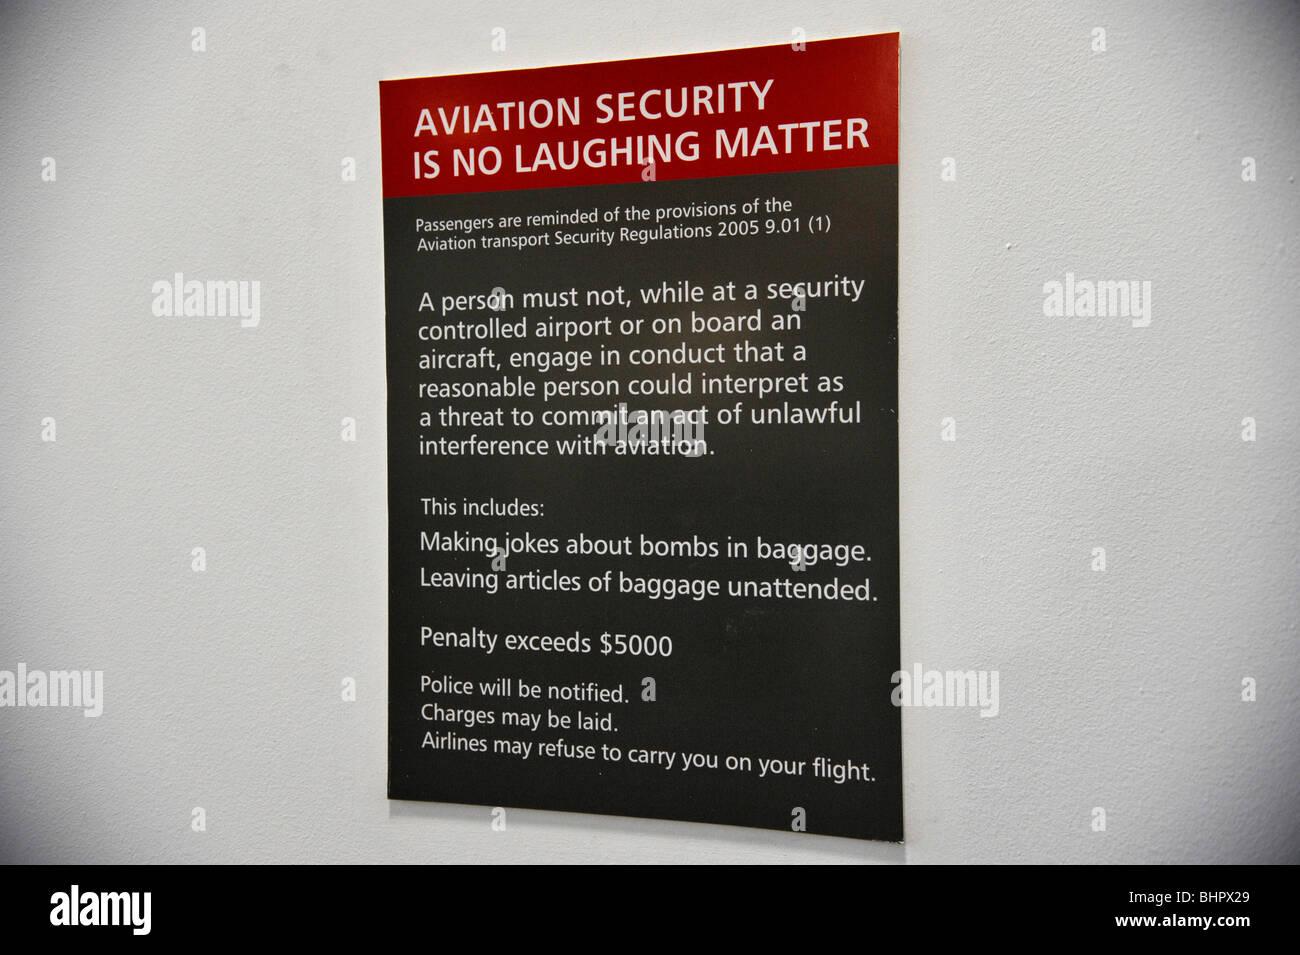 Signe de la sûreté de l'aviation à propos de rire à la sécurité aérienne. Photo Stock